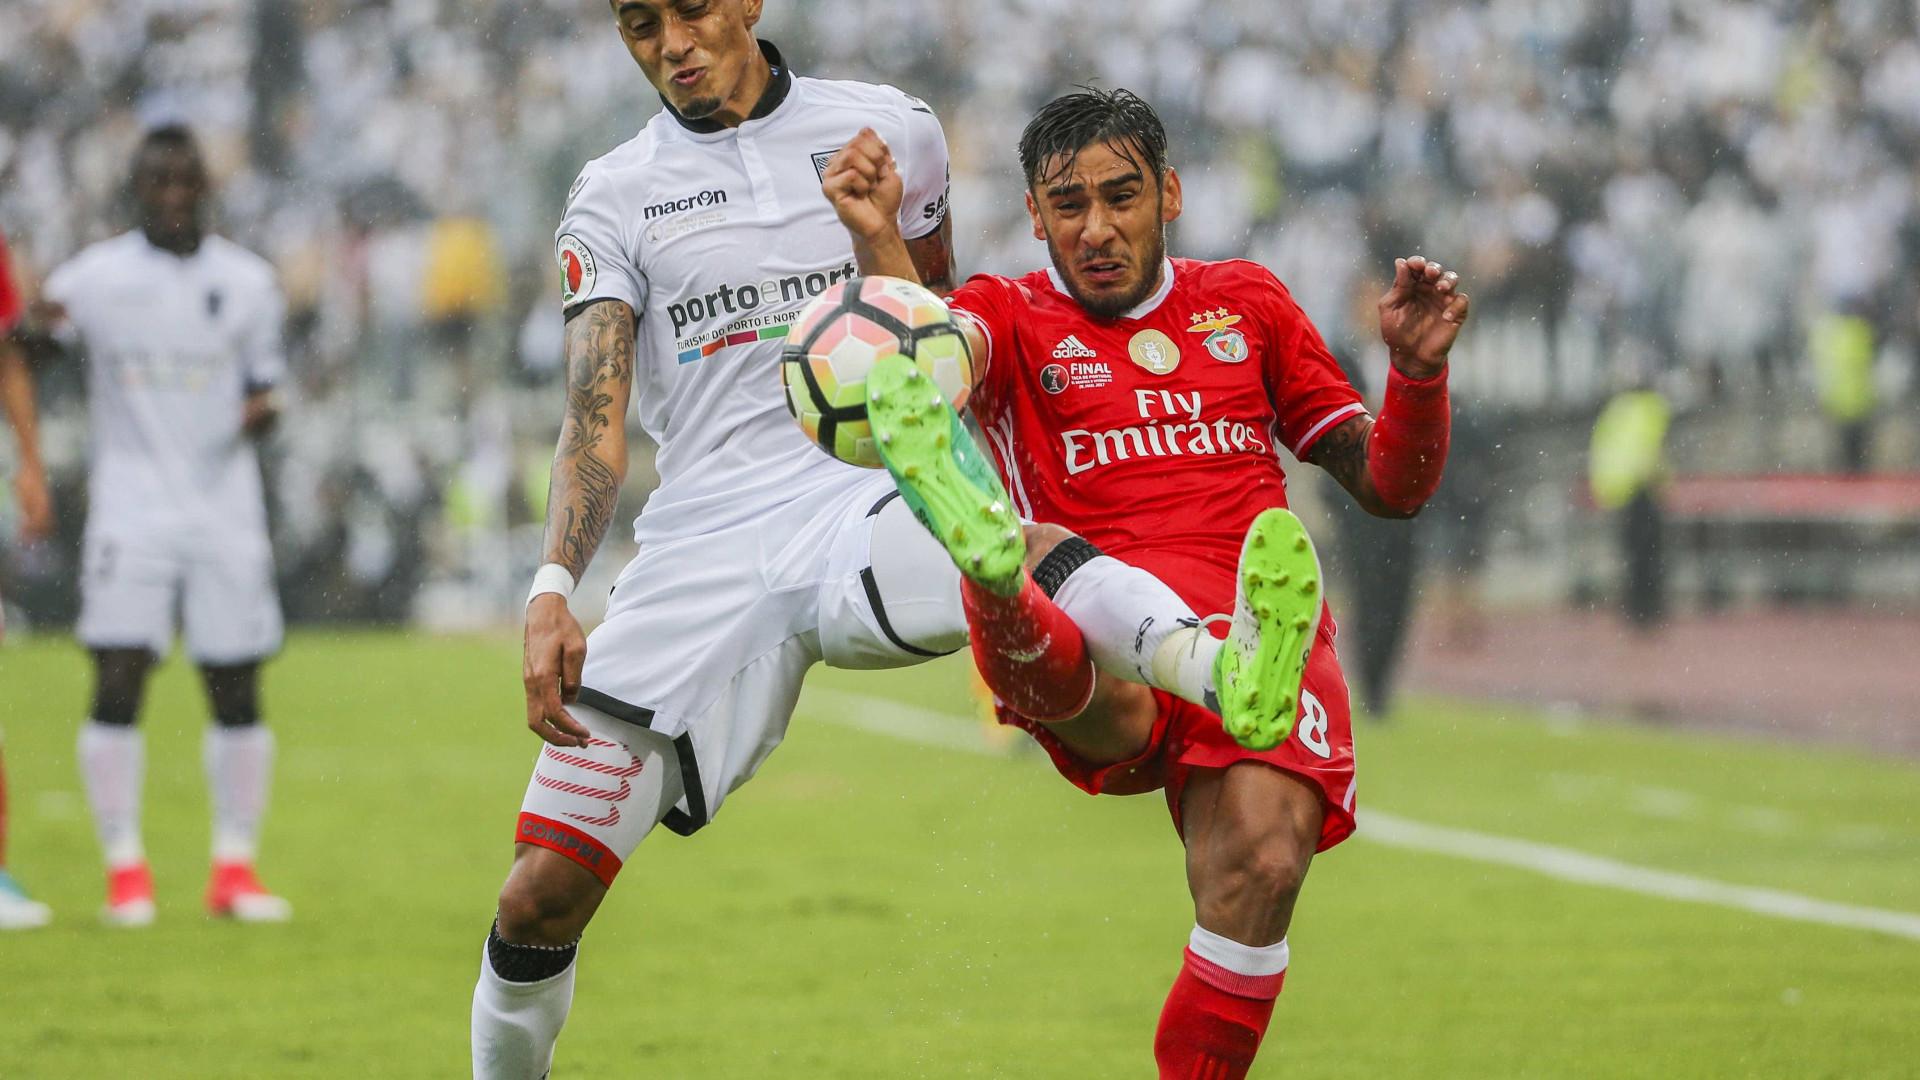 Ingressos para Supertaça Cândido de Oliveira entre Benfica e Guimarães esgotados